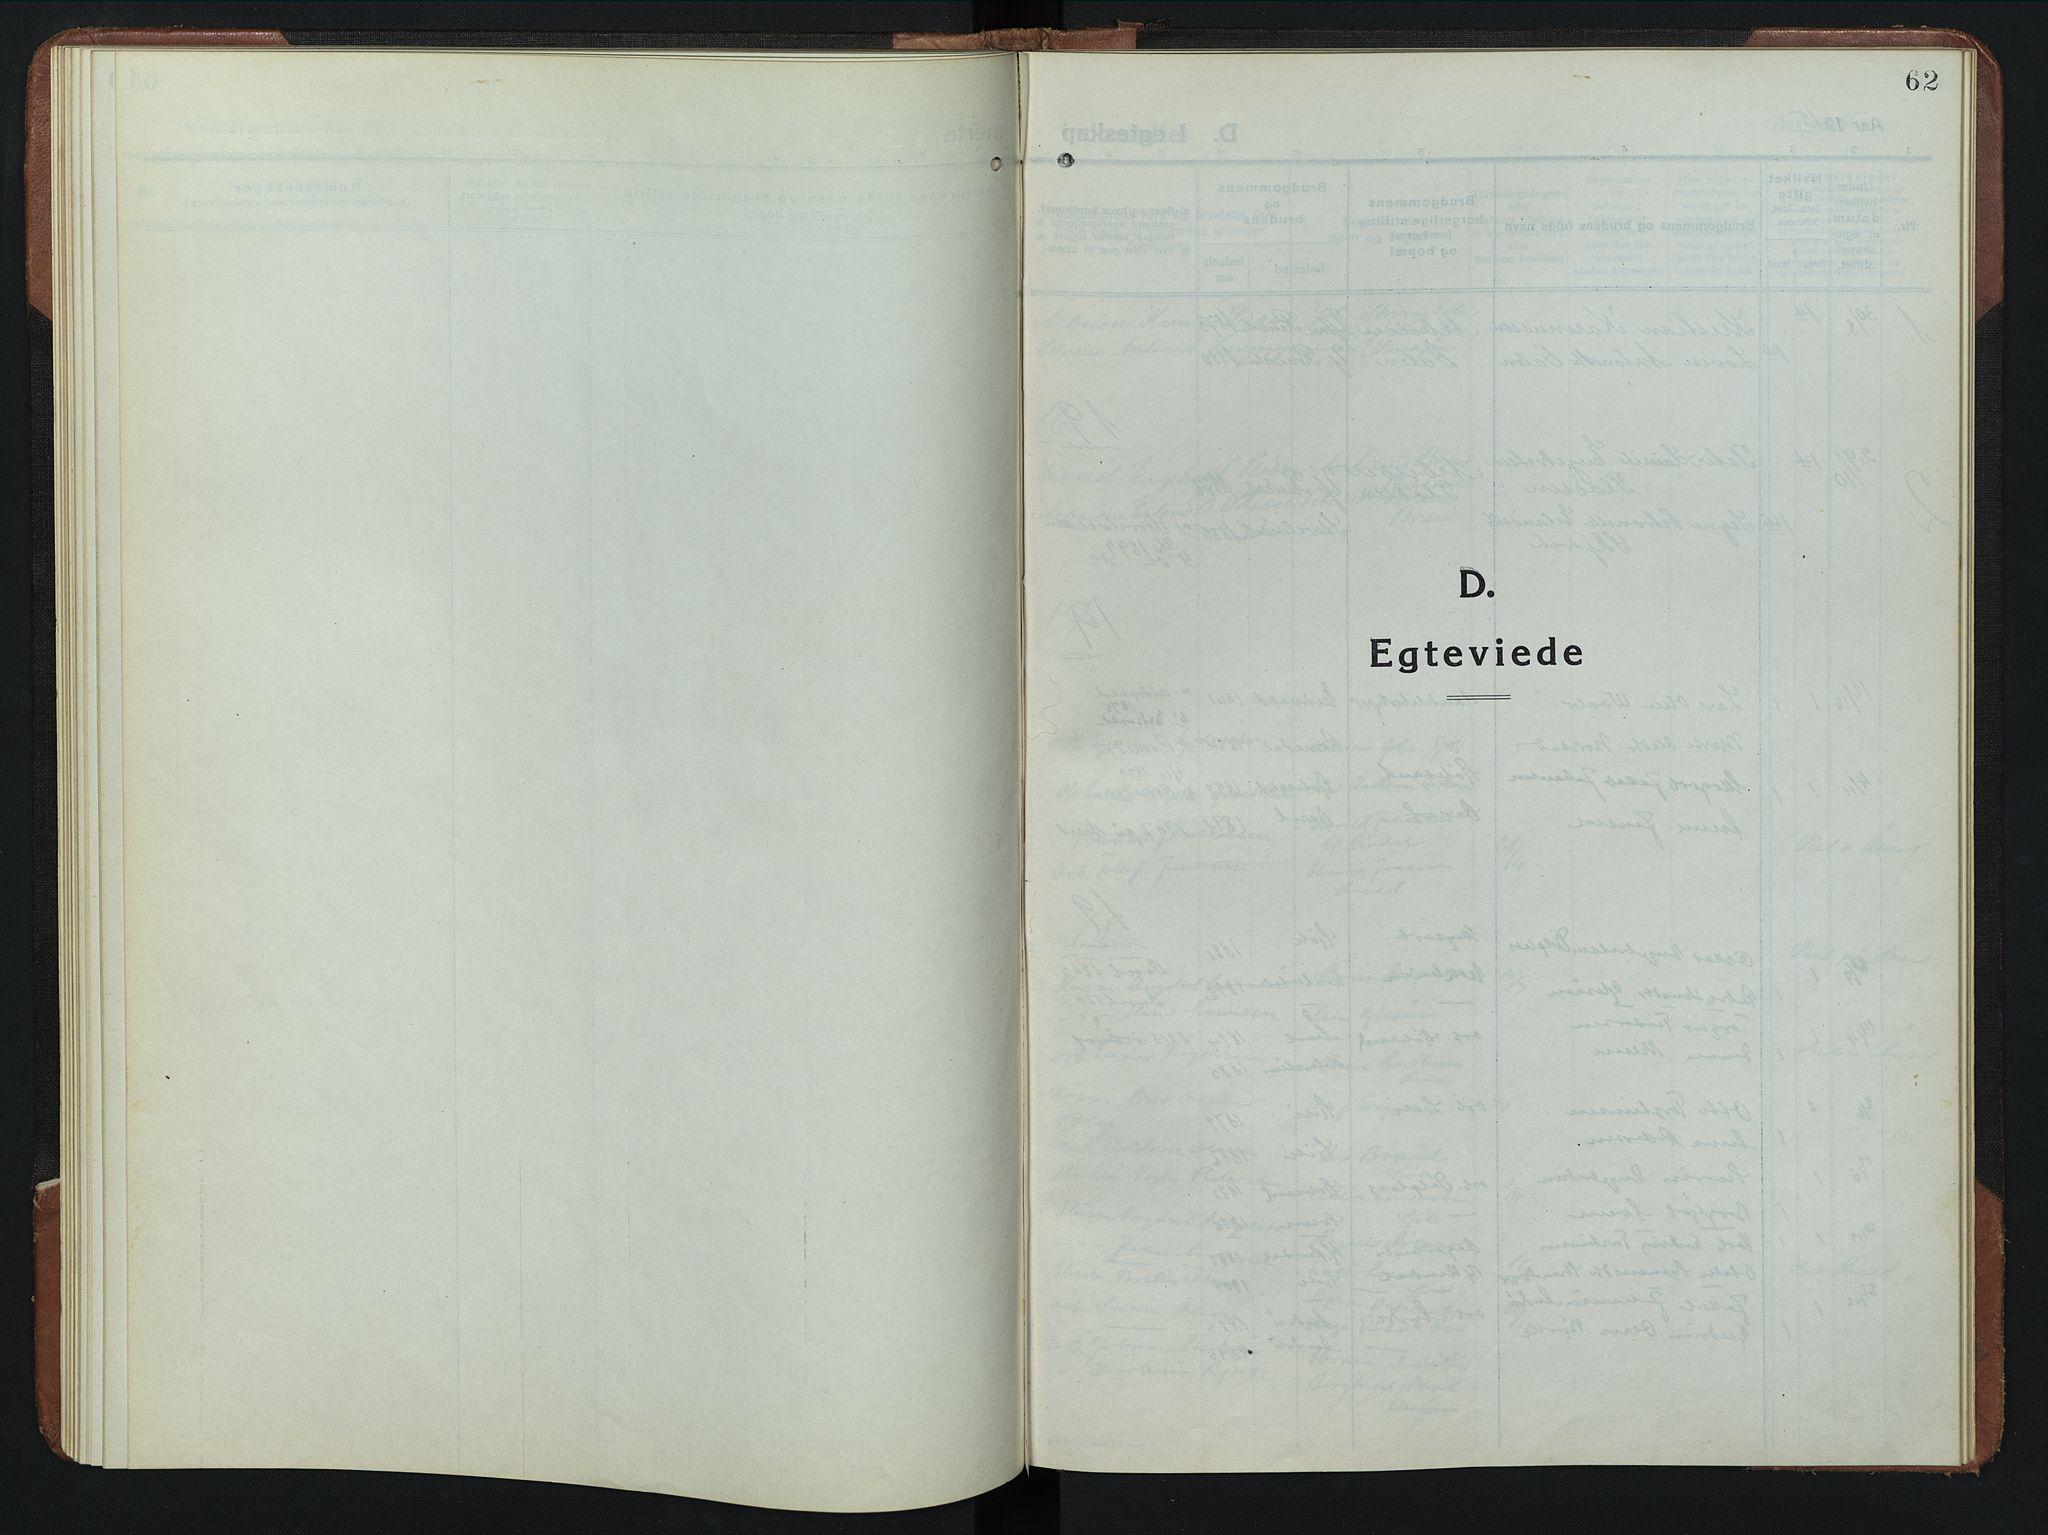 SAH, Rendalen prestekontor, H/Ha/Hab/L0008: Klokkerbok nr. 8, 1914-1948, s. 62